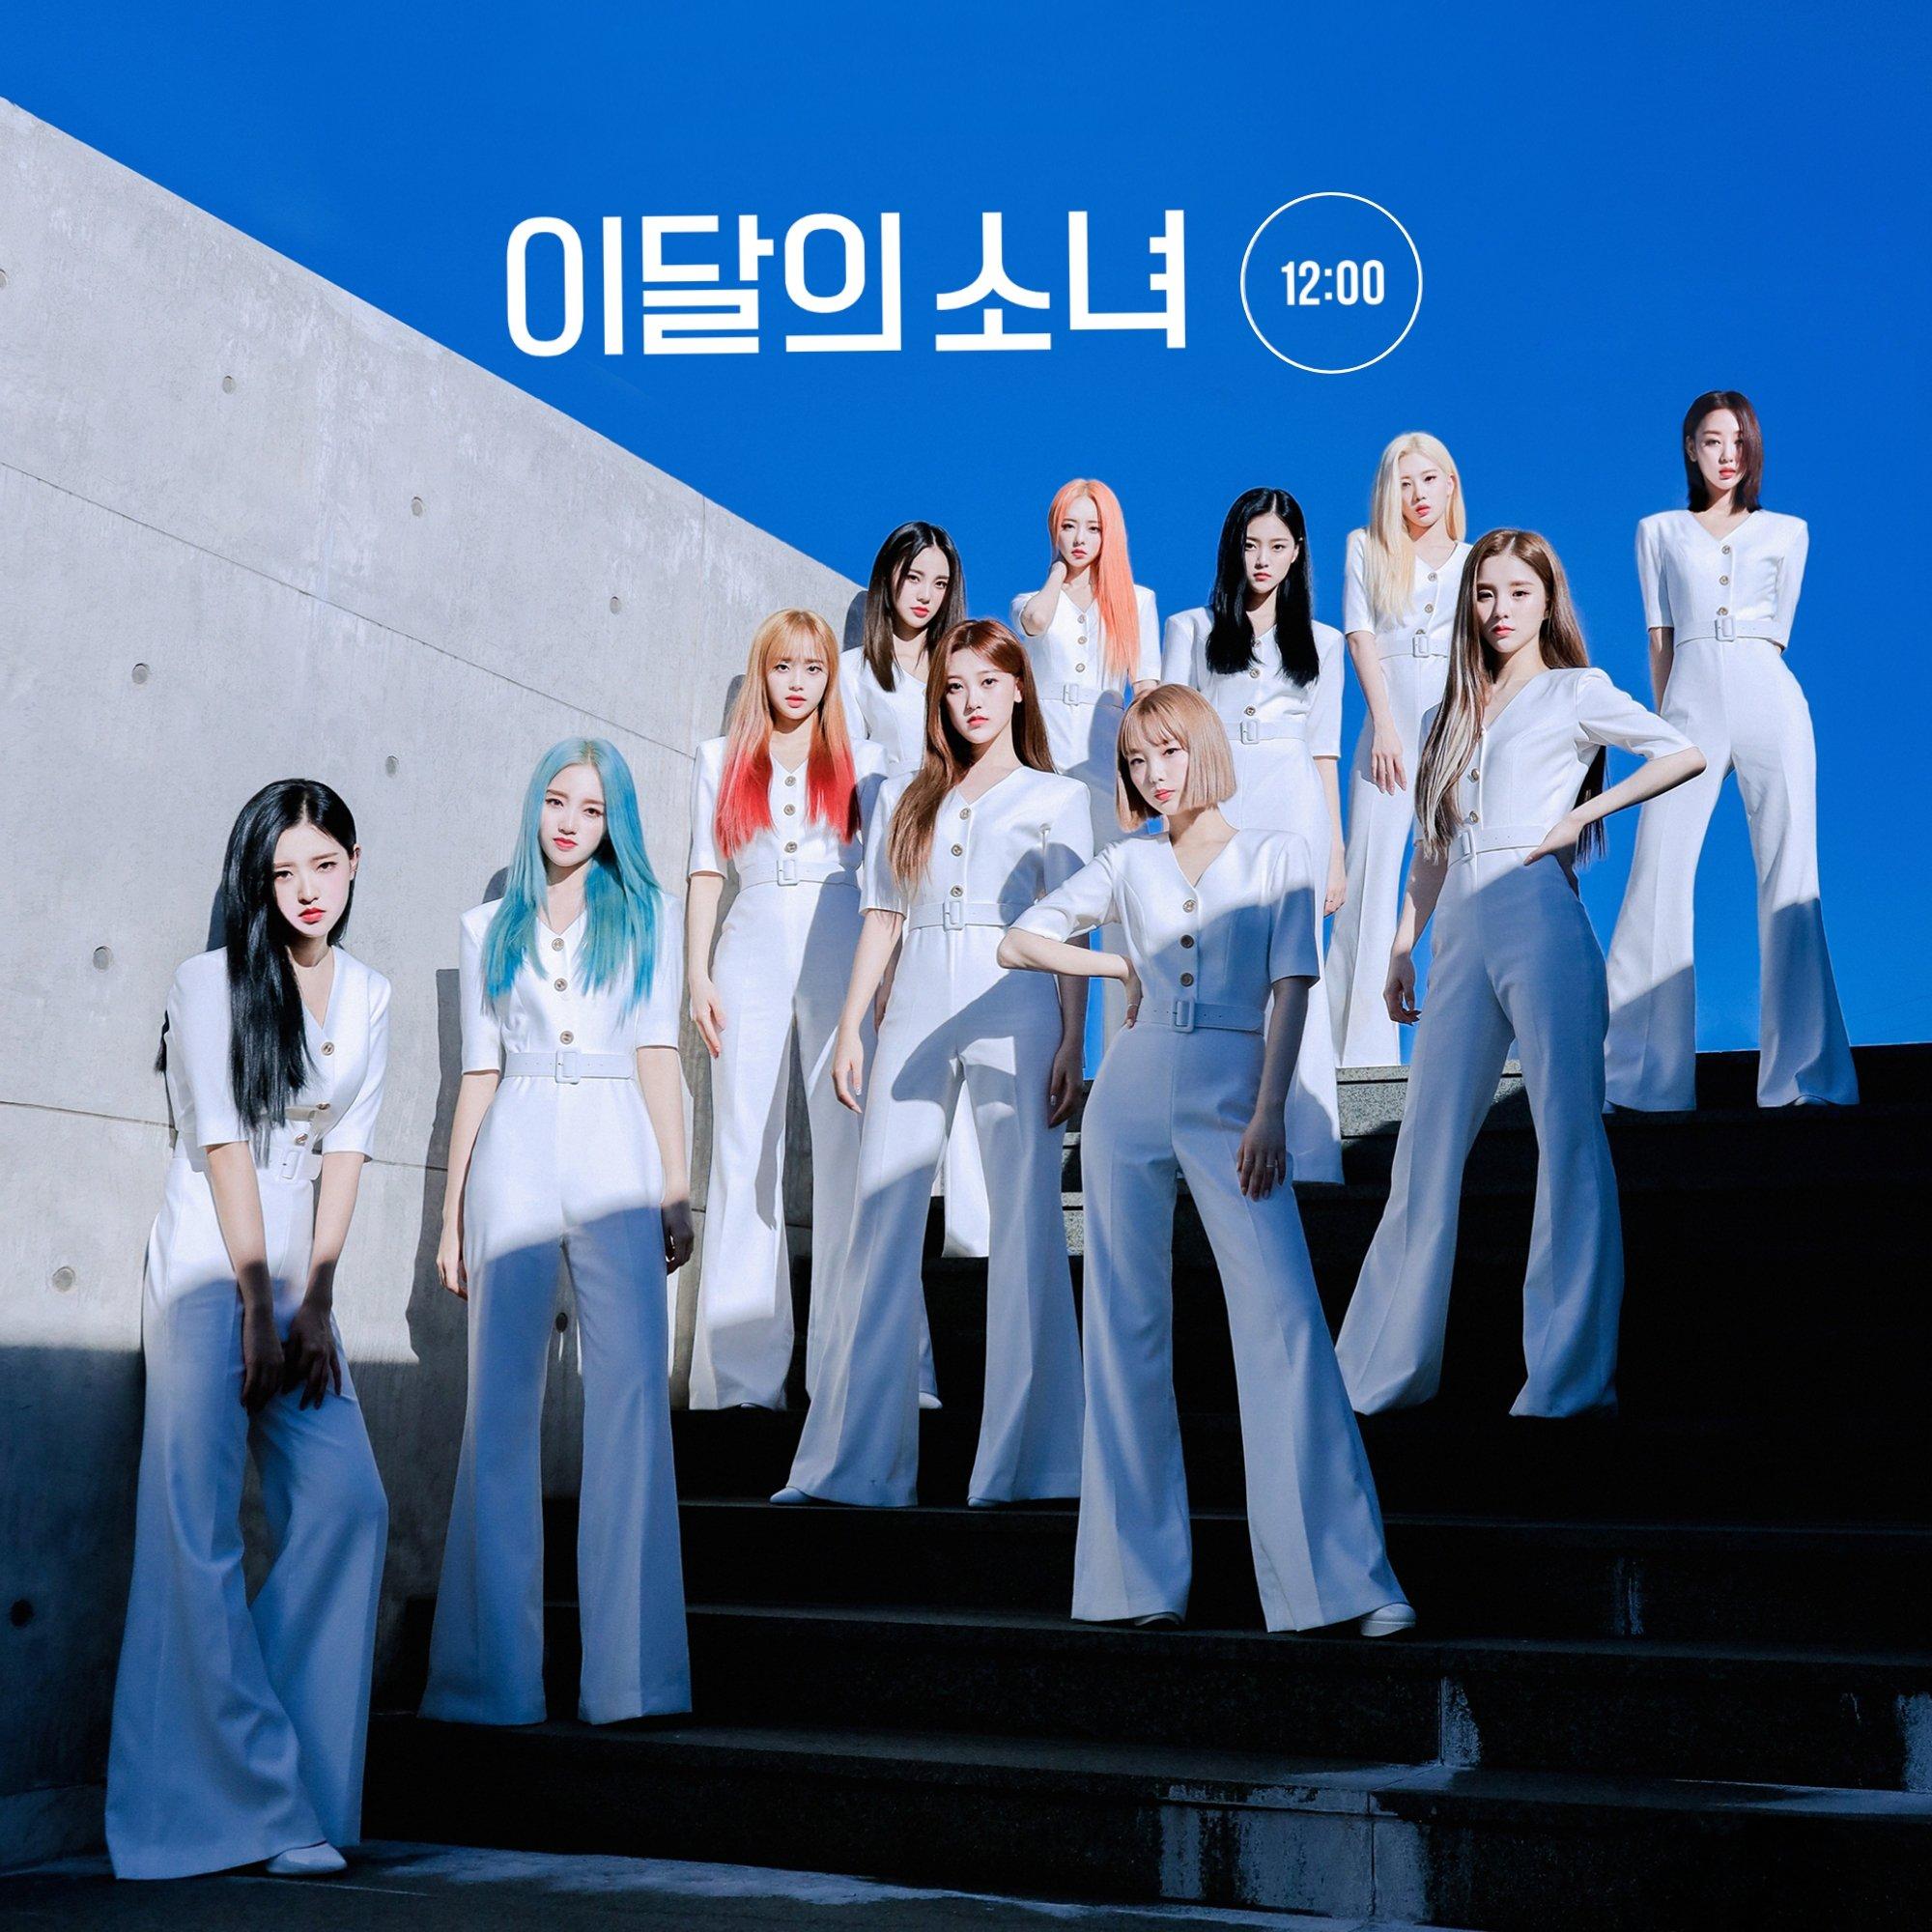 """Arte de divulgação do álbum de LOONA. As integrantes estão espalhadas em uma escada, todas de pé. Todas vestem um macacão branco. A escada está subindo e acaba na metade da imagem. Acima da escada há um céu azul, que preenche toda a parte superior. Foi adicionado o nome do álbum em coreano e o texto """"12:00"""" dentro de um círculo."""